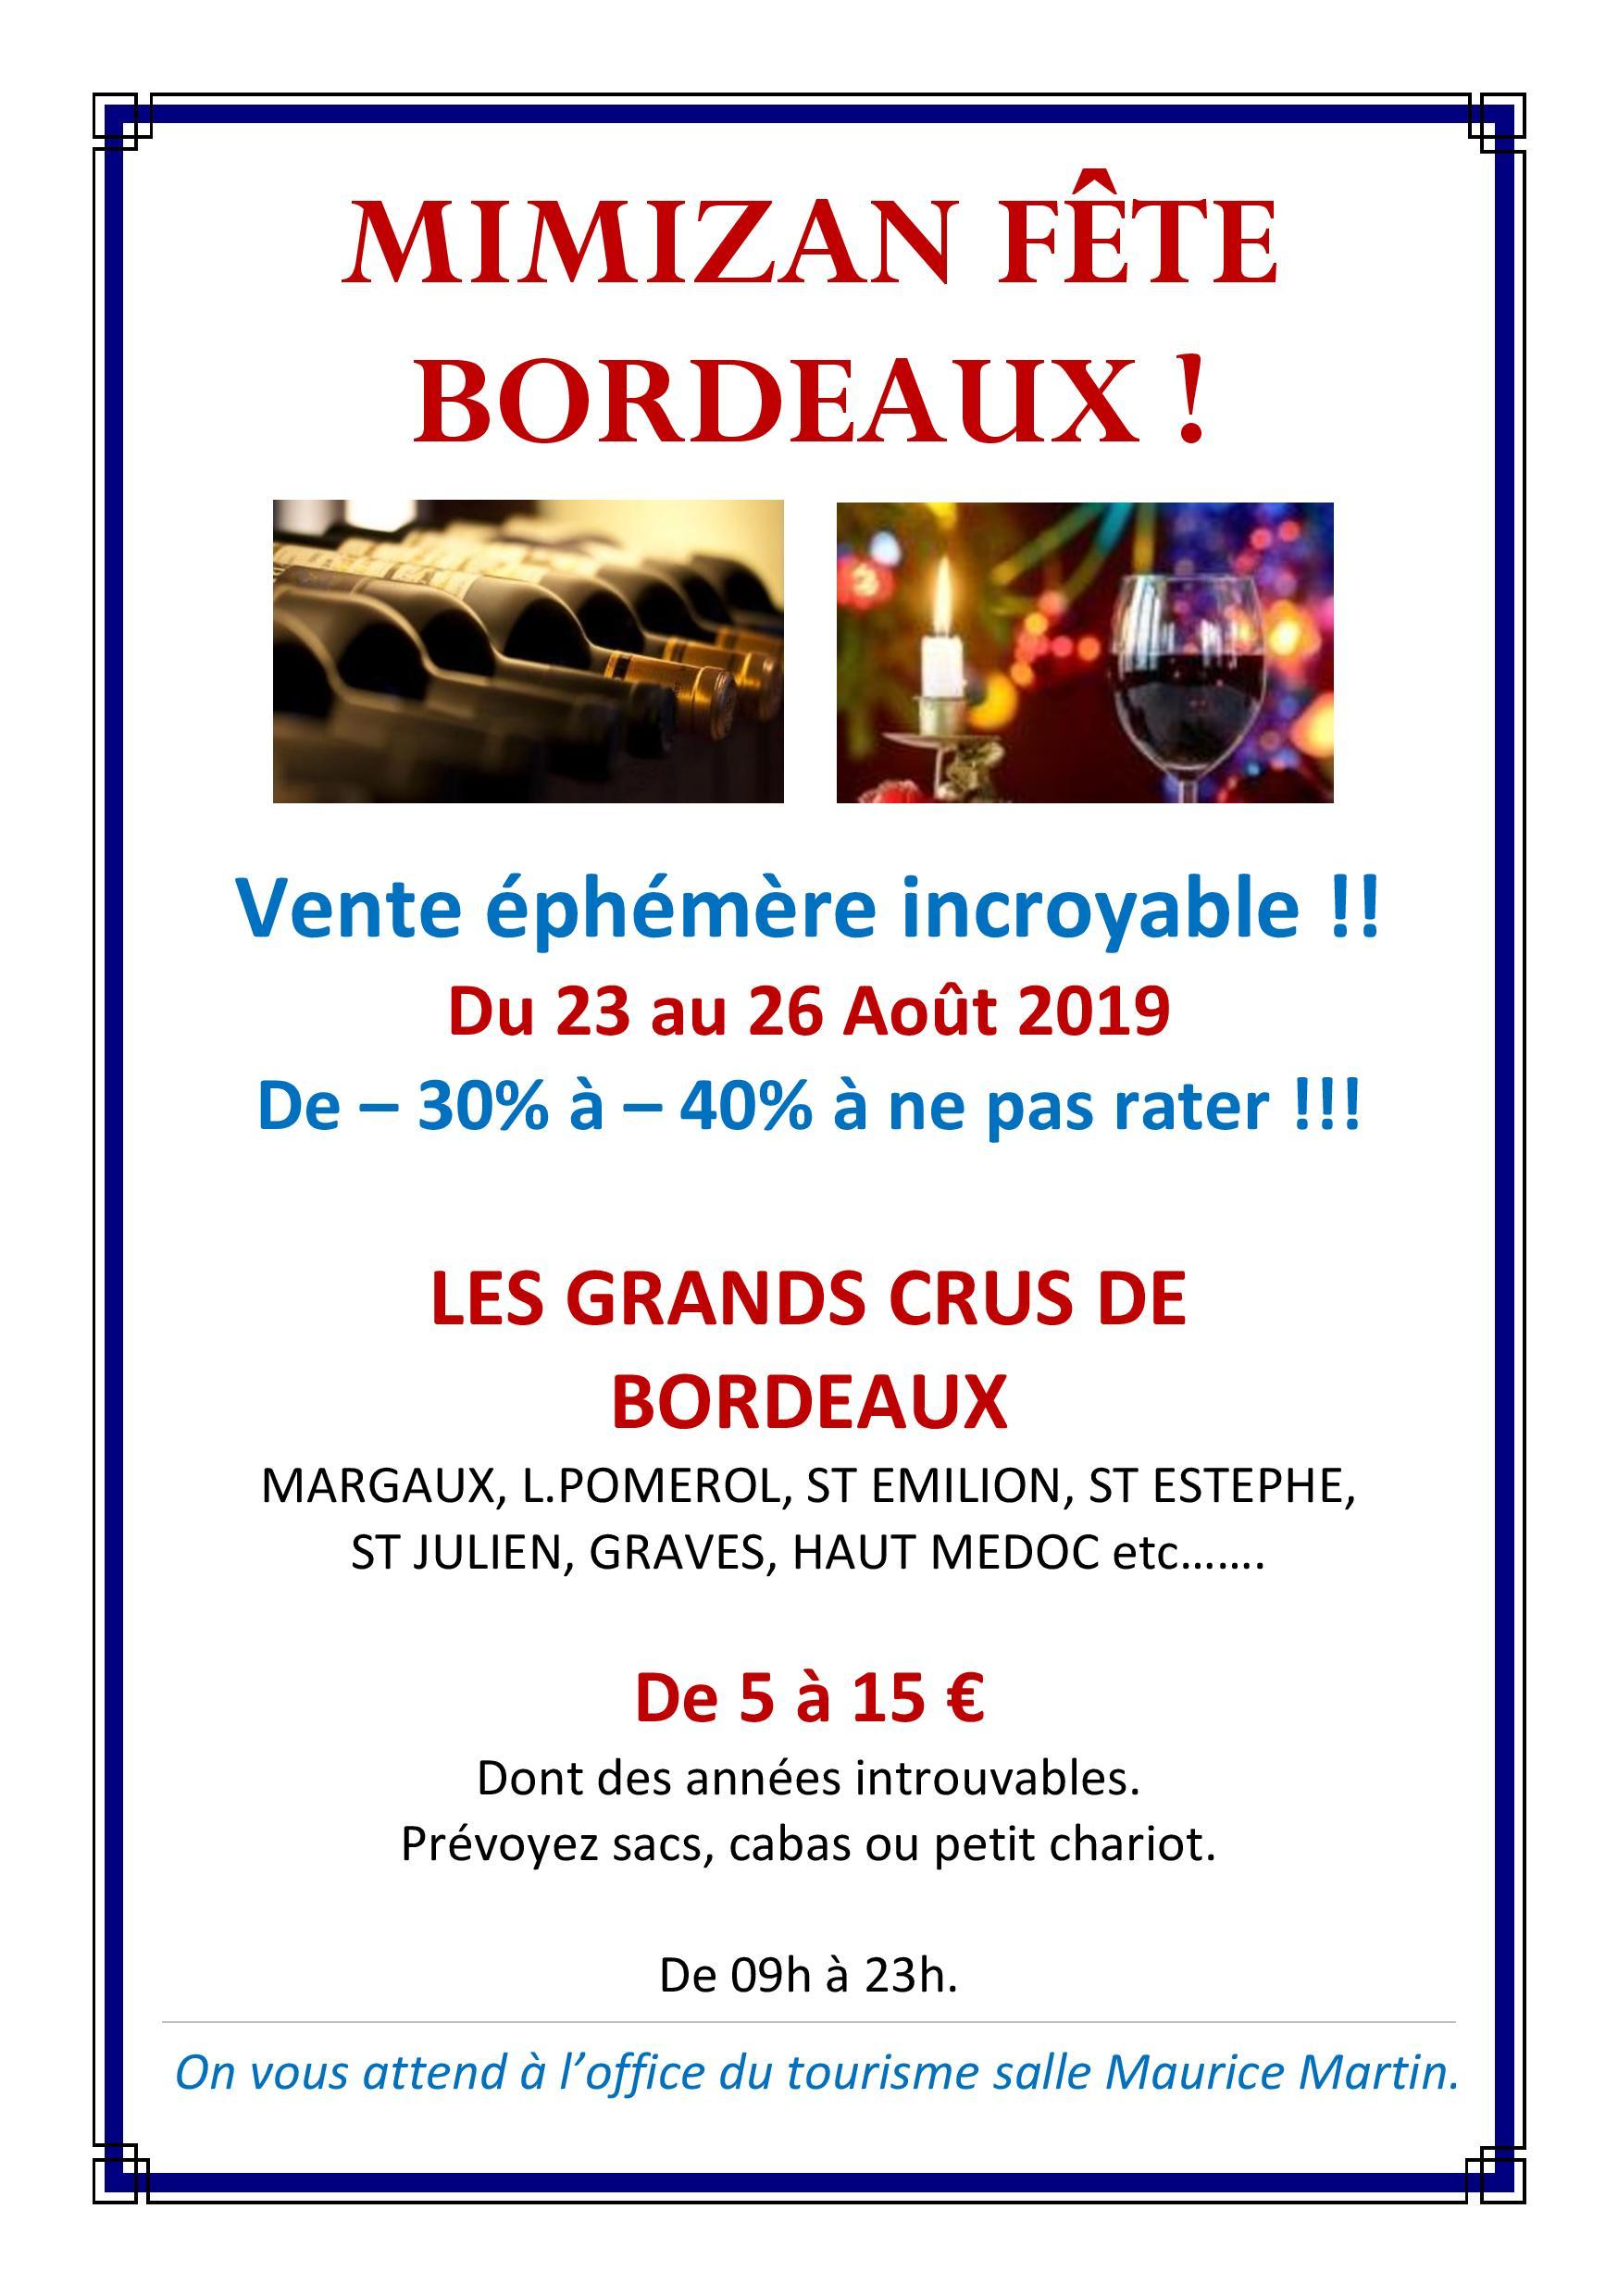 Mimizan fête Bordeaux